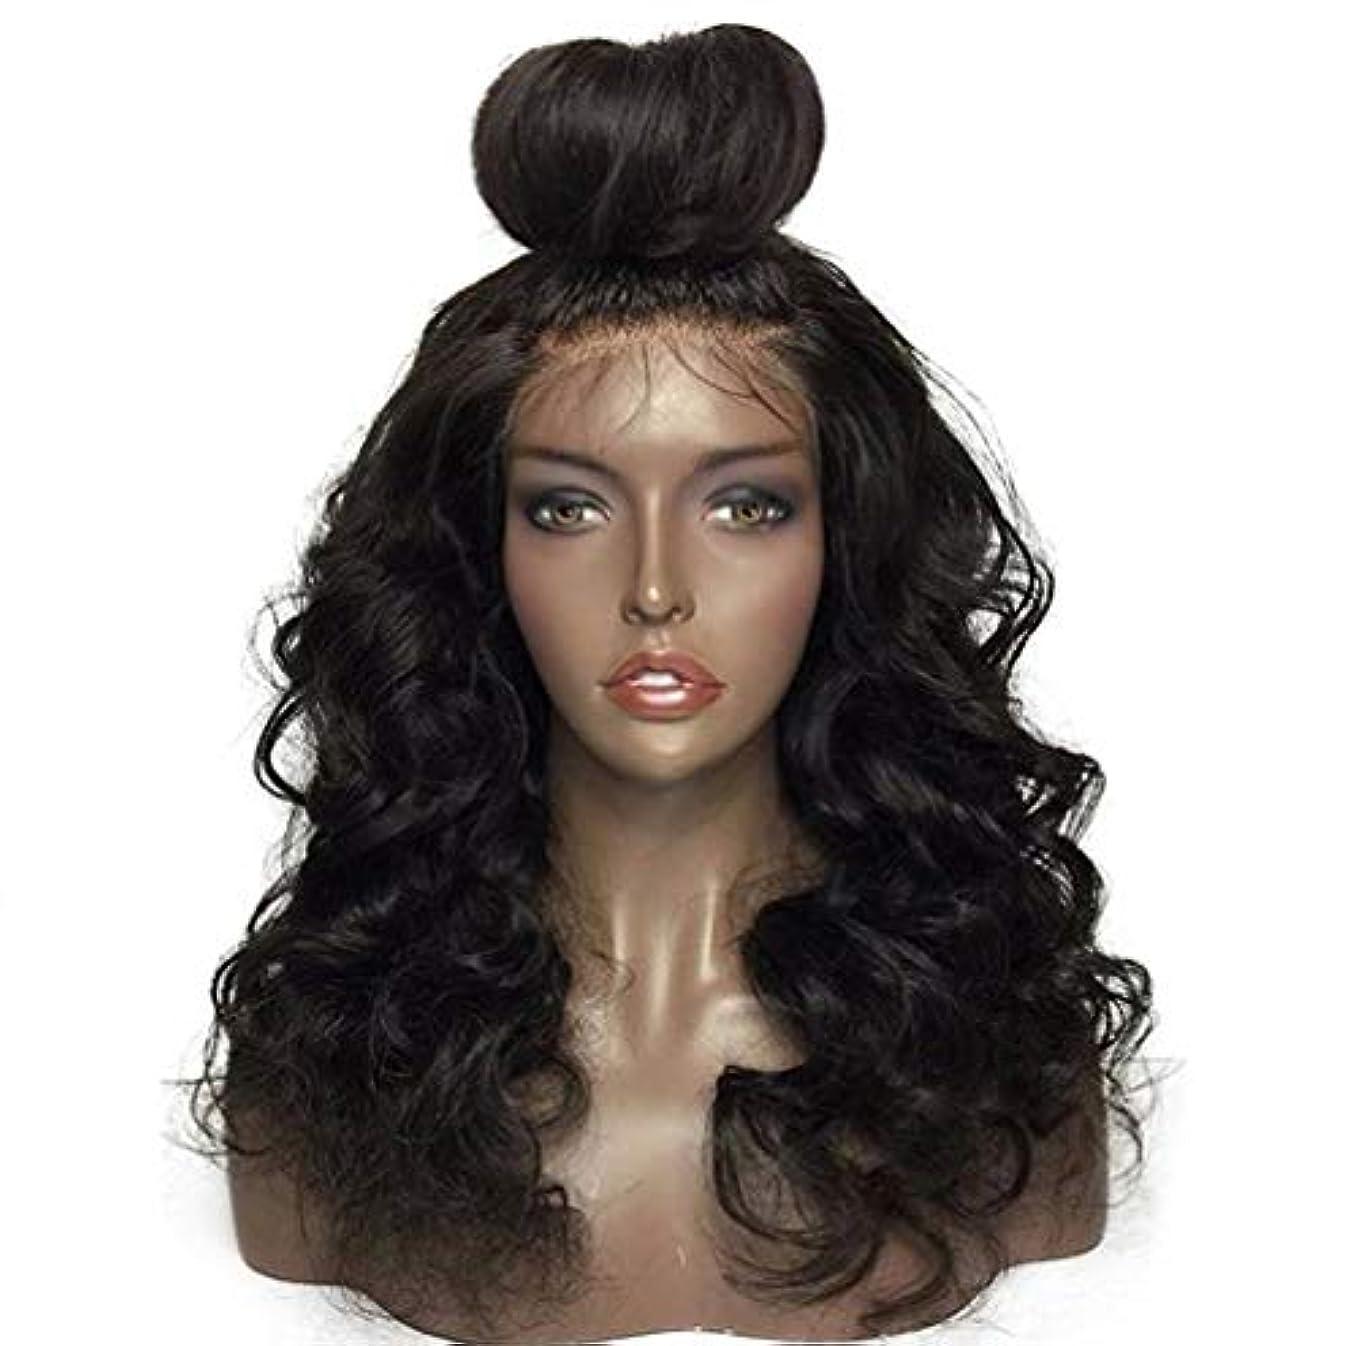 詳細な嫌なイベント女性フロントレースかつら150%密度合成ブラジルかつら耐熱耐熱巻き毛のかつら